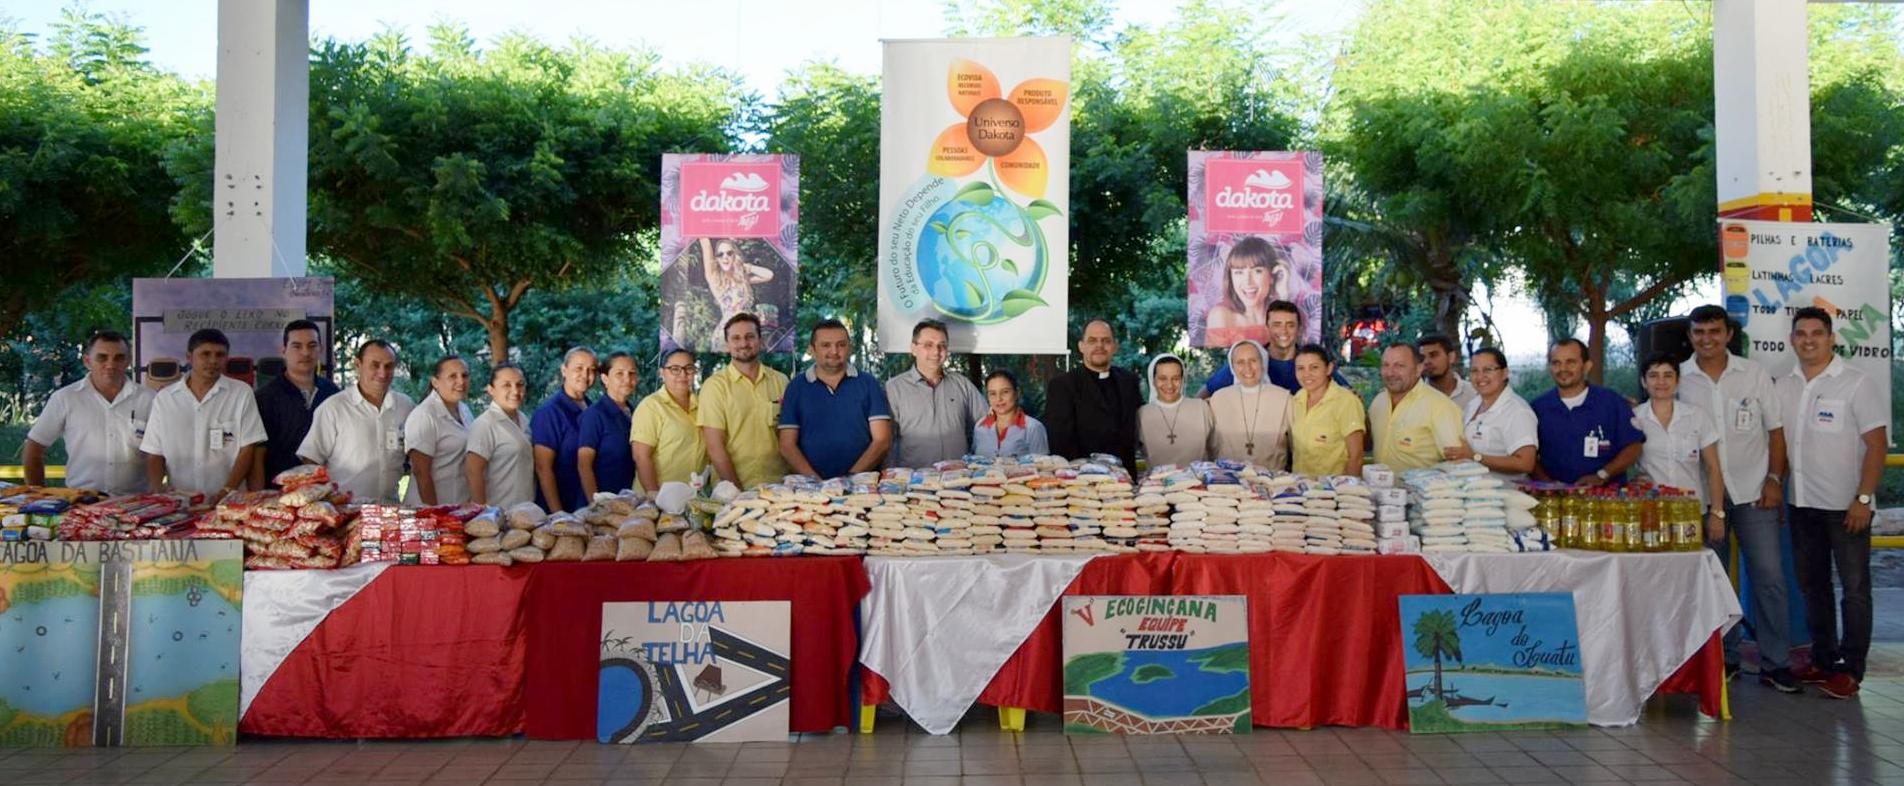 Dakota doa 1 tonelada de alimentos e 250 calças para a Casa de Apoio de Irmã Dulce em Iguatu